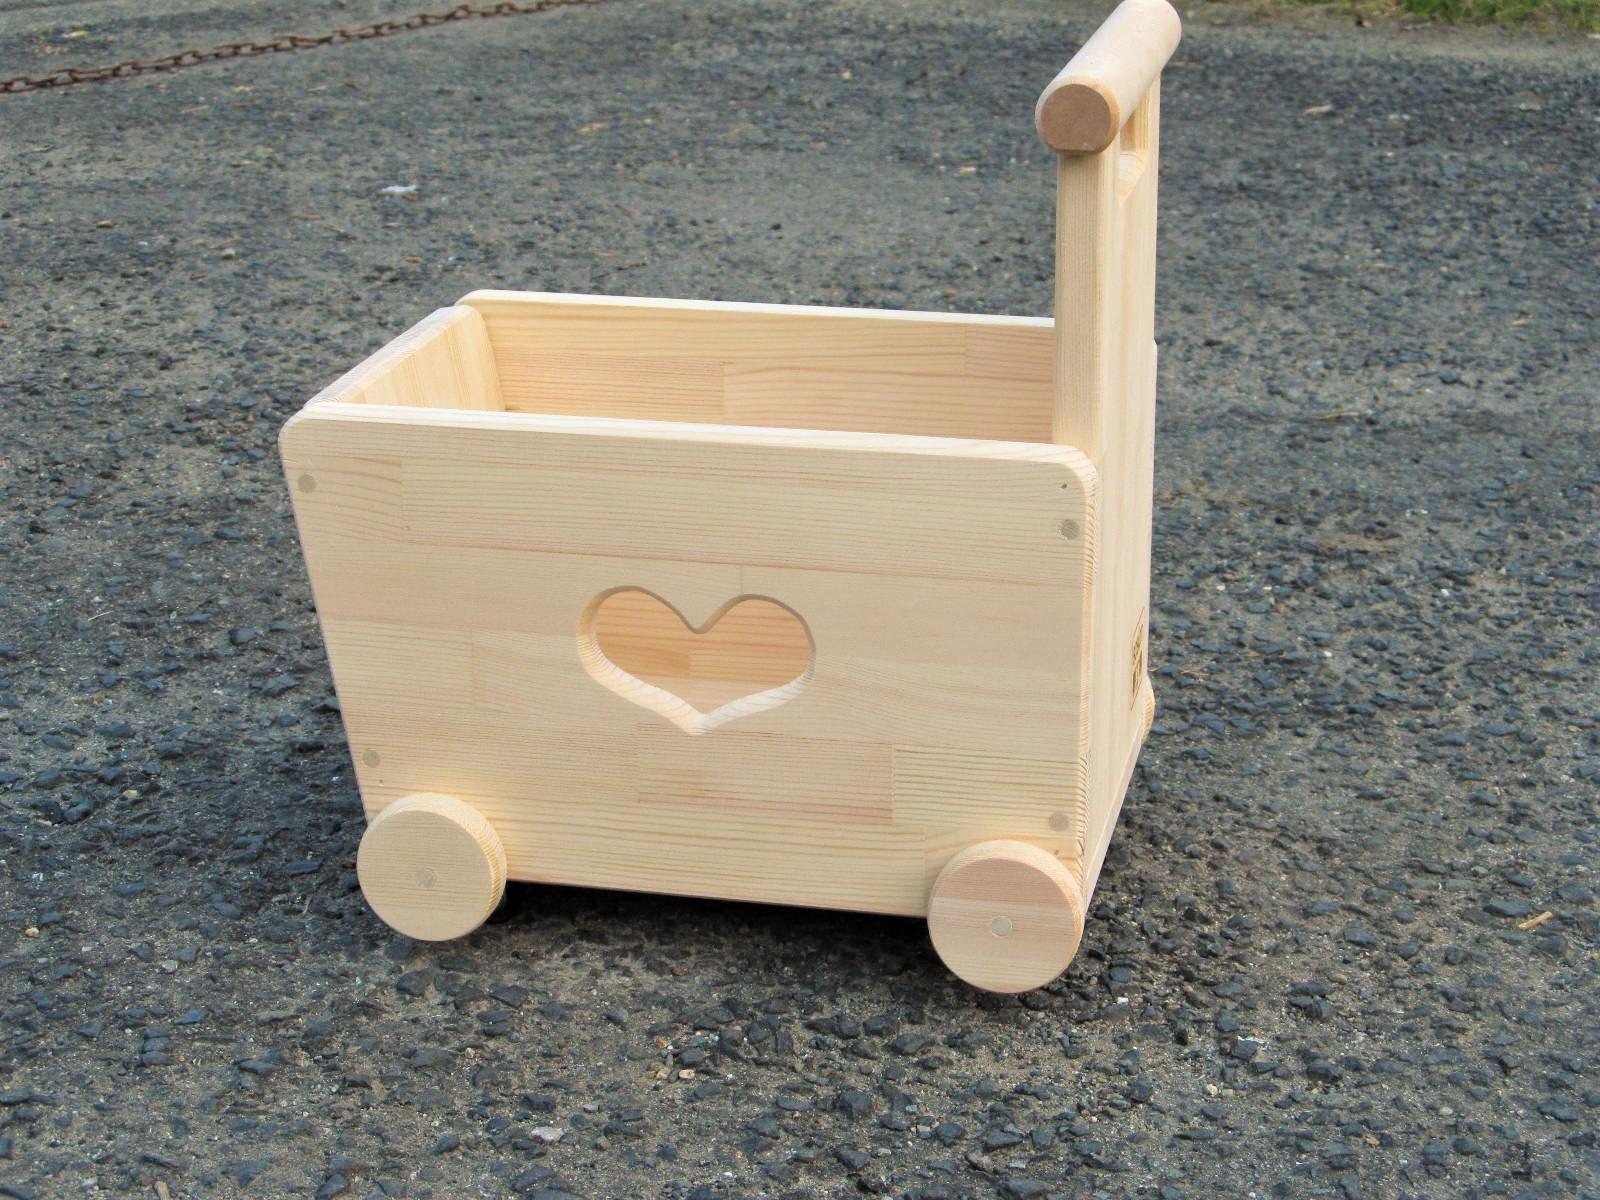 手作り木製 おもちゃも運べる手押し車-3型・両面透かし・御希望を仰ってくださいね・木製 知育 手作り 積み木 木のおもちゃ カタカタ 車 手押し車 リングボーイ 結婚式 出産祝い お誕生日